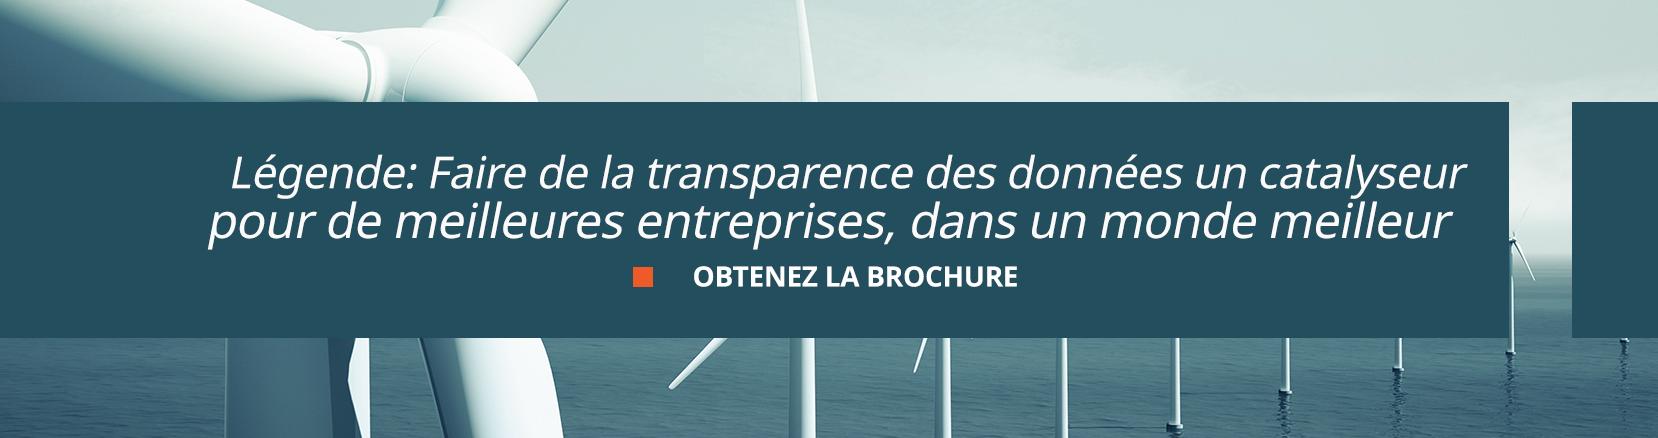 faire de la transparence des données